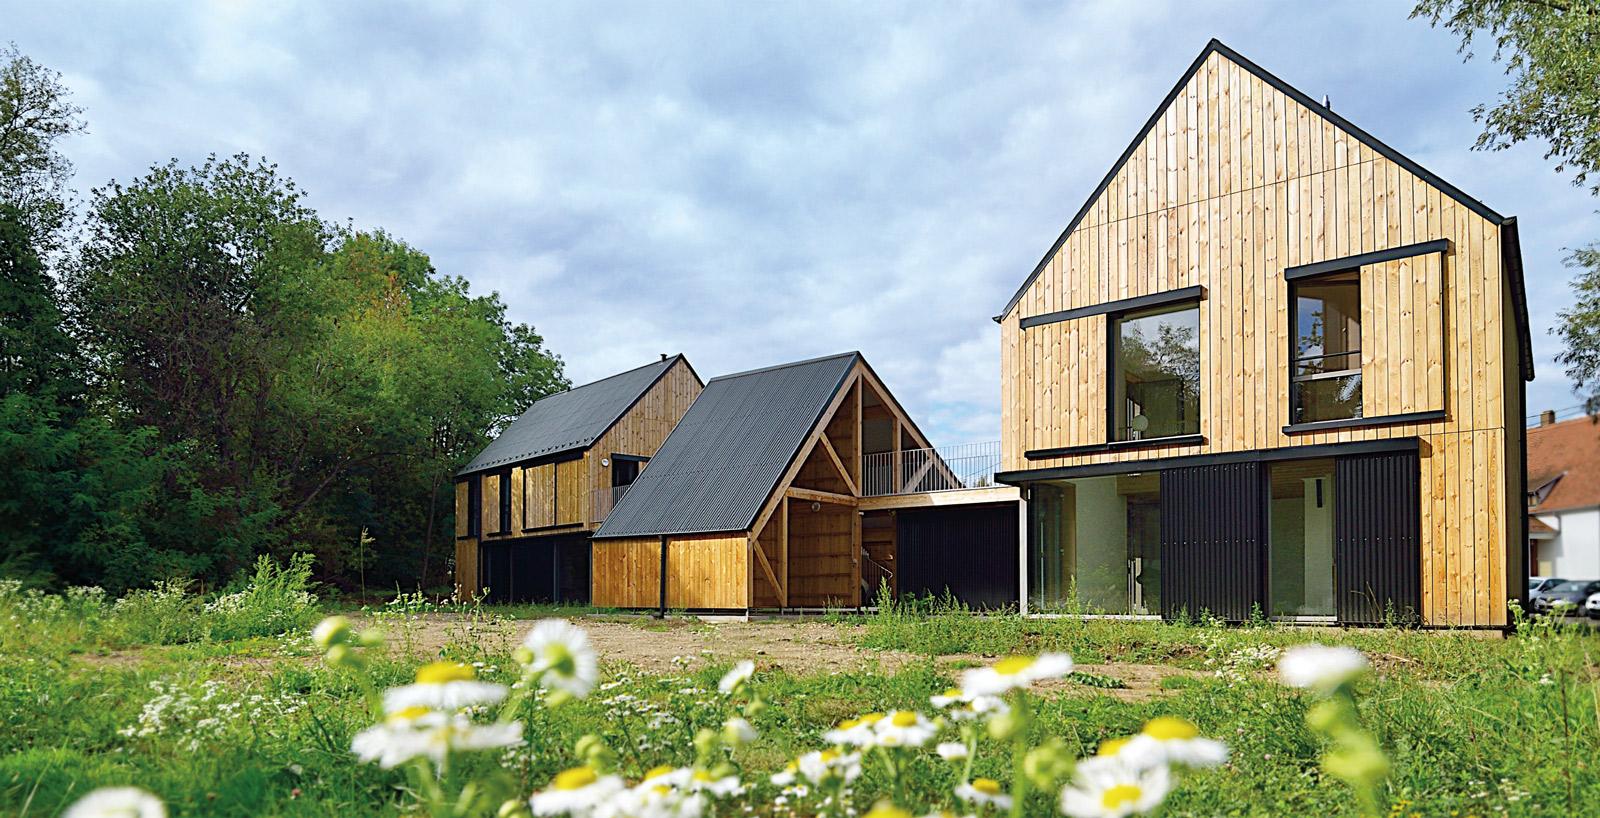 éco-construction bois loval, hêtre et pin sylvestre + paille